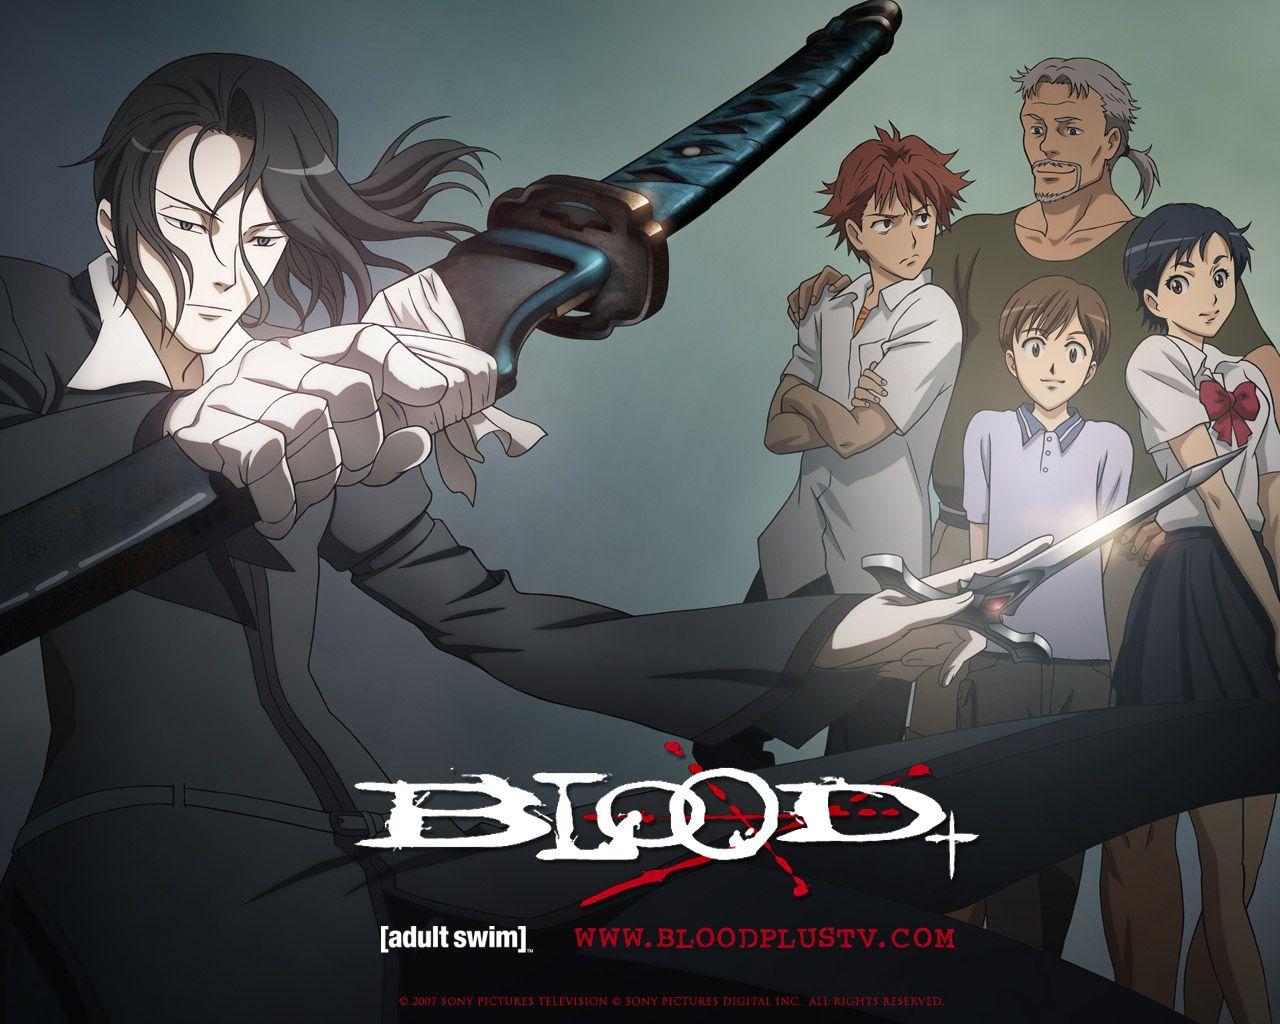 誰か「BLOOD+」とかいう神アニメ覚えてる?!wwww